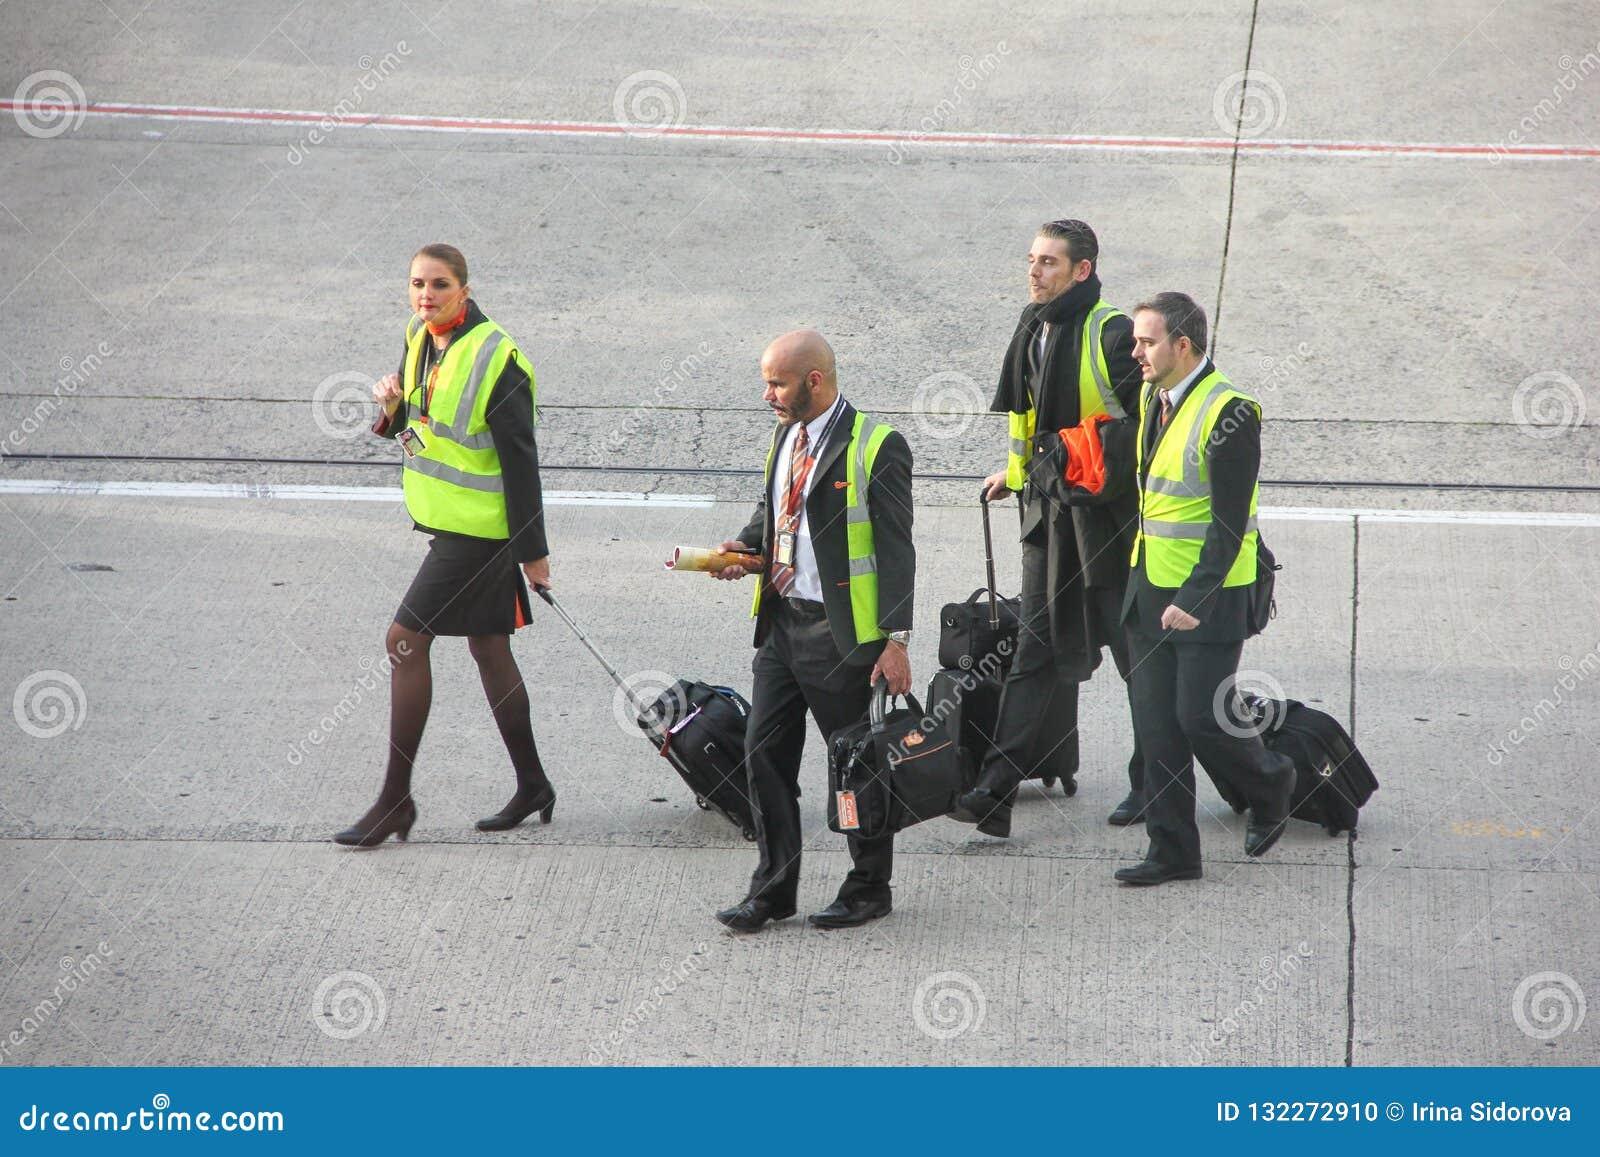 Parijs, Frankrijk - April 2016: Groep die cabinepersoneel EasyJet op vliegveldenbaan in Charles de Gaulle Airport lopen